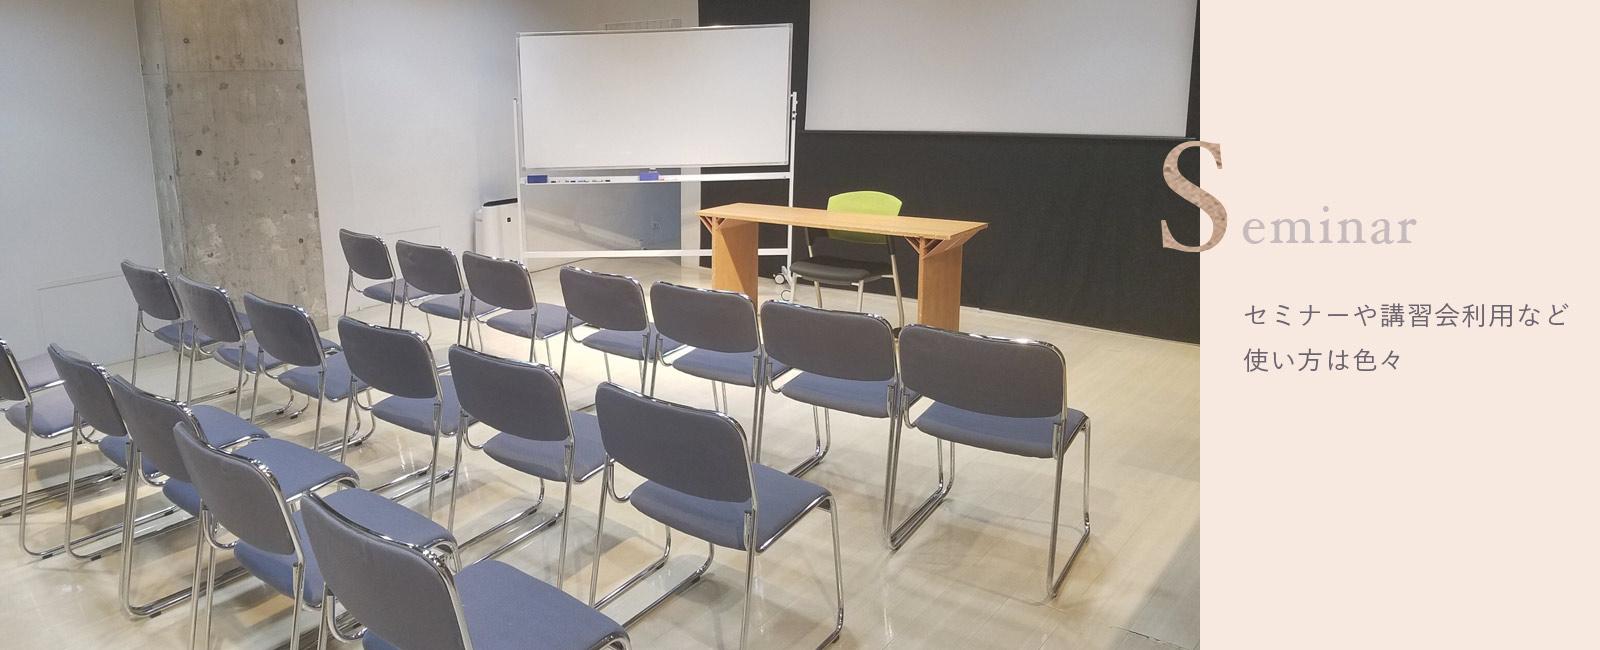 セミナーや講演会利用など使い方は色々